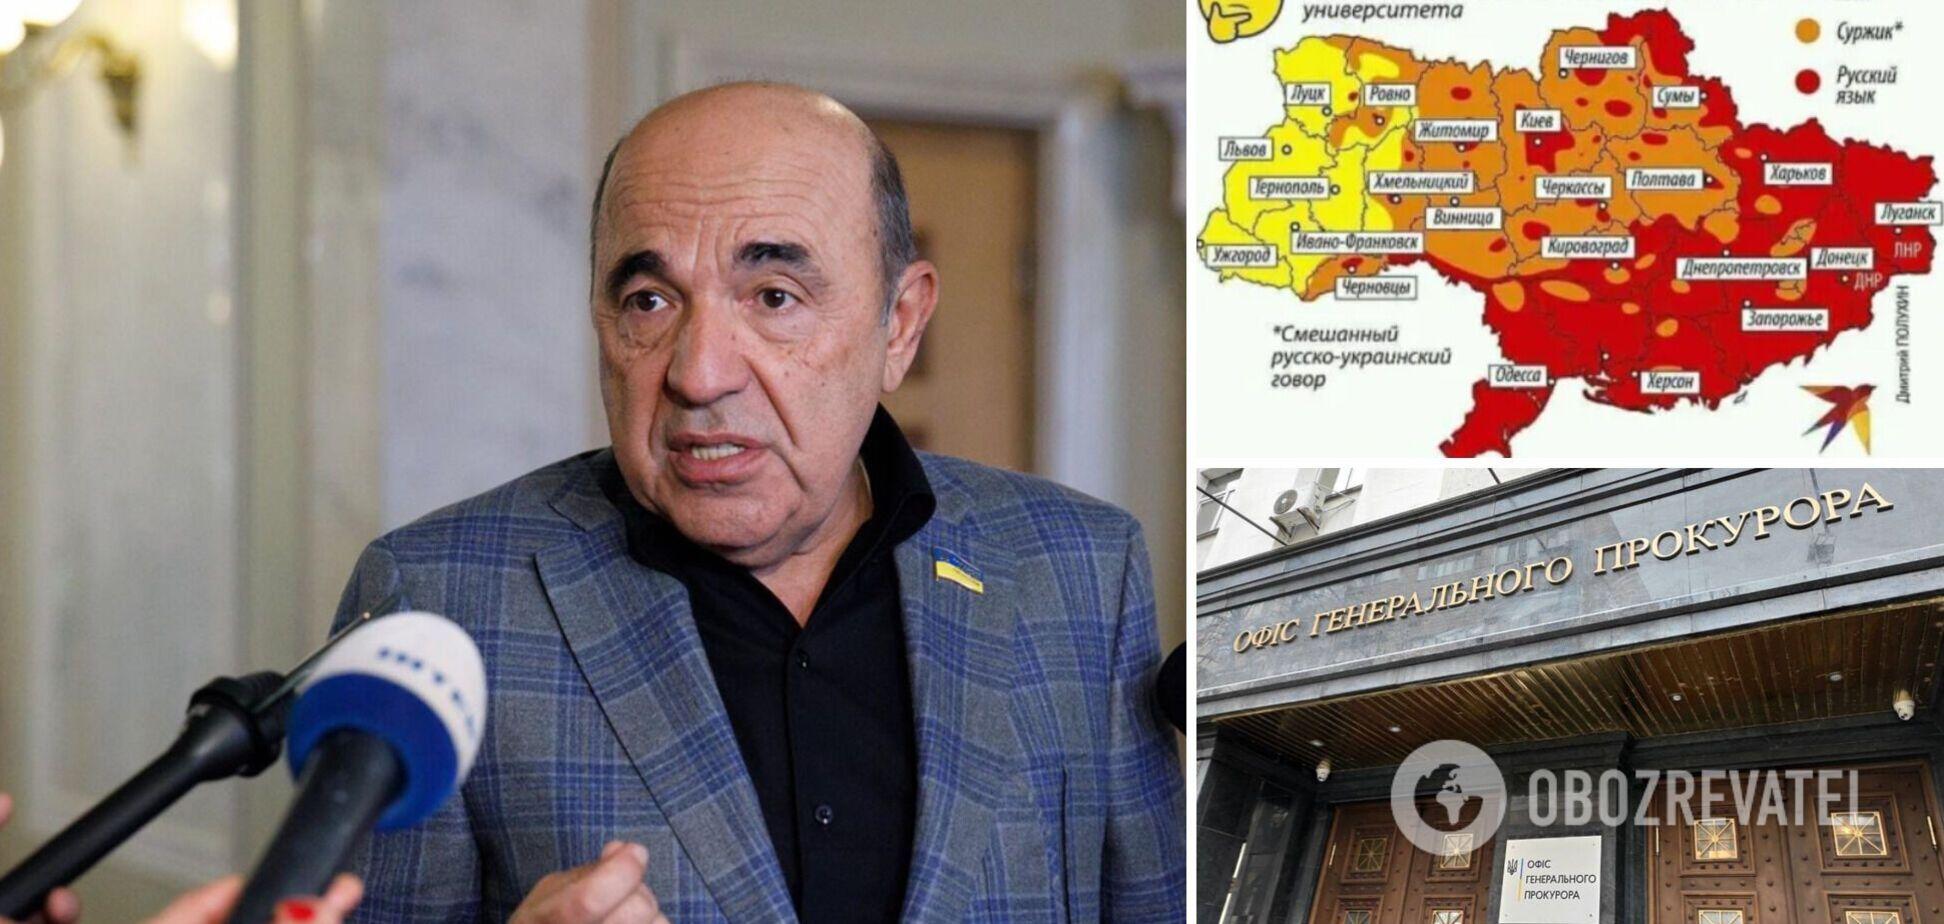 Проти Рабіновича почали розслідування через карту України без Криму